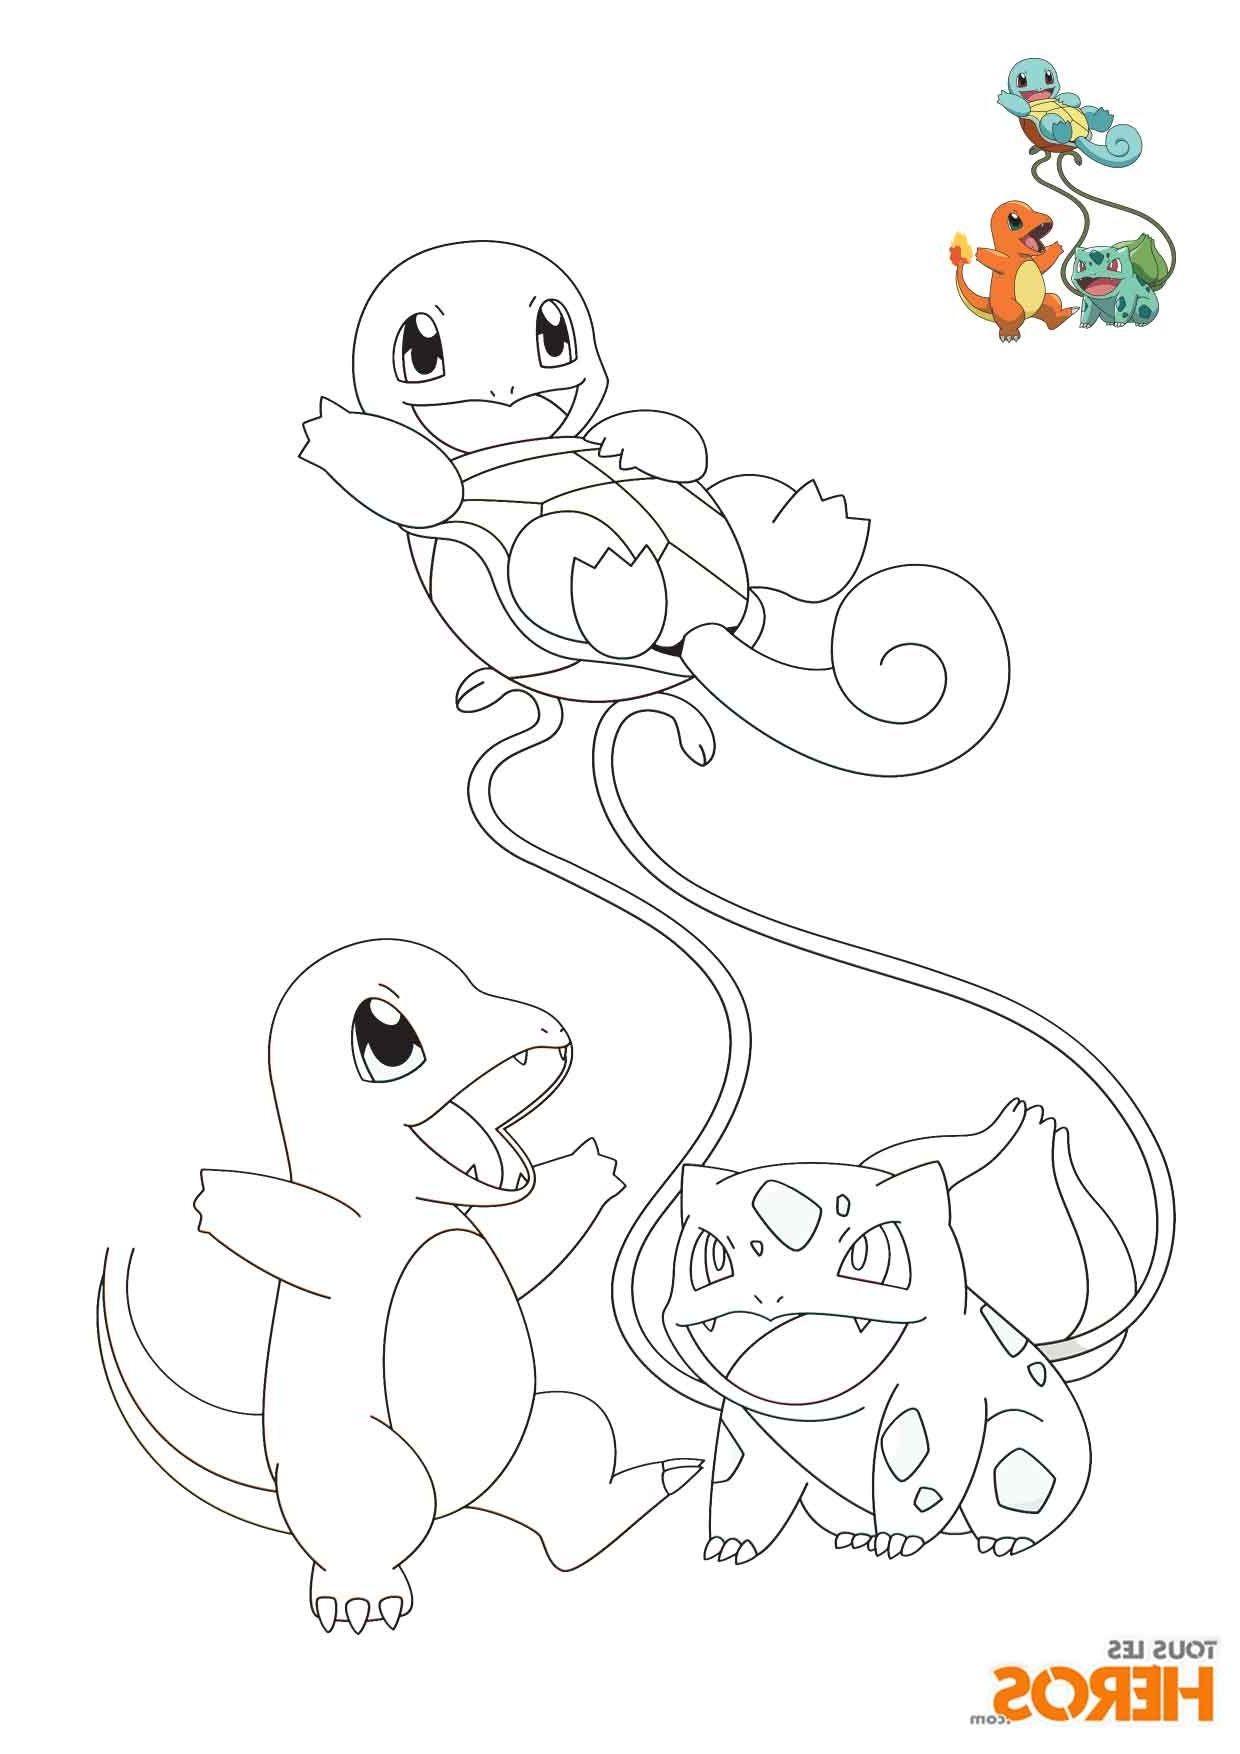 9 Cool De Pokemon A Imprimer Images Pokemon Color Me Character